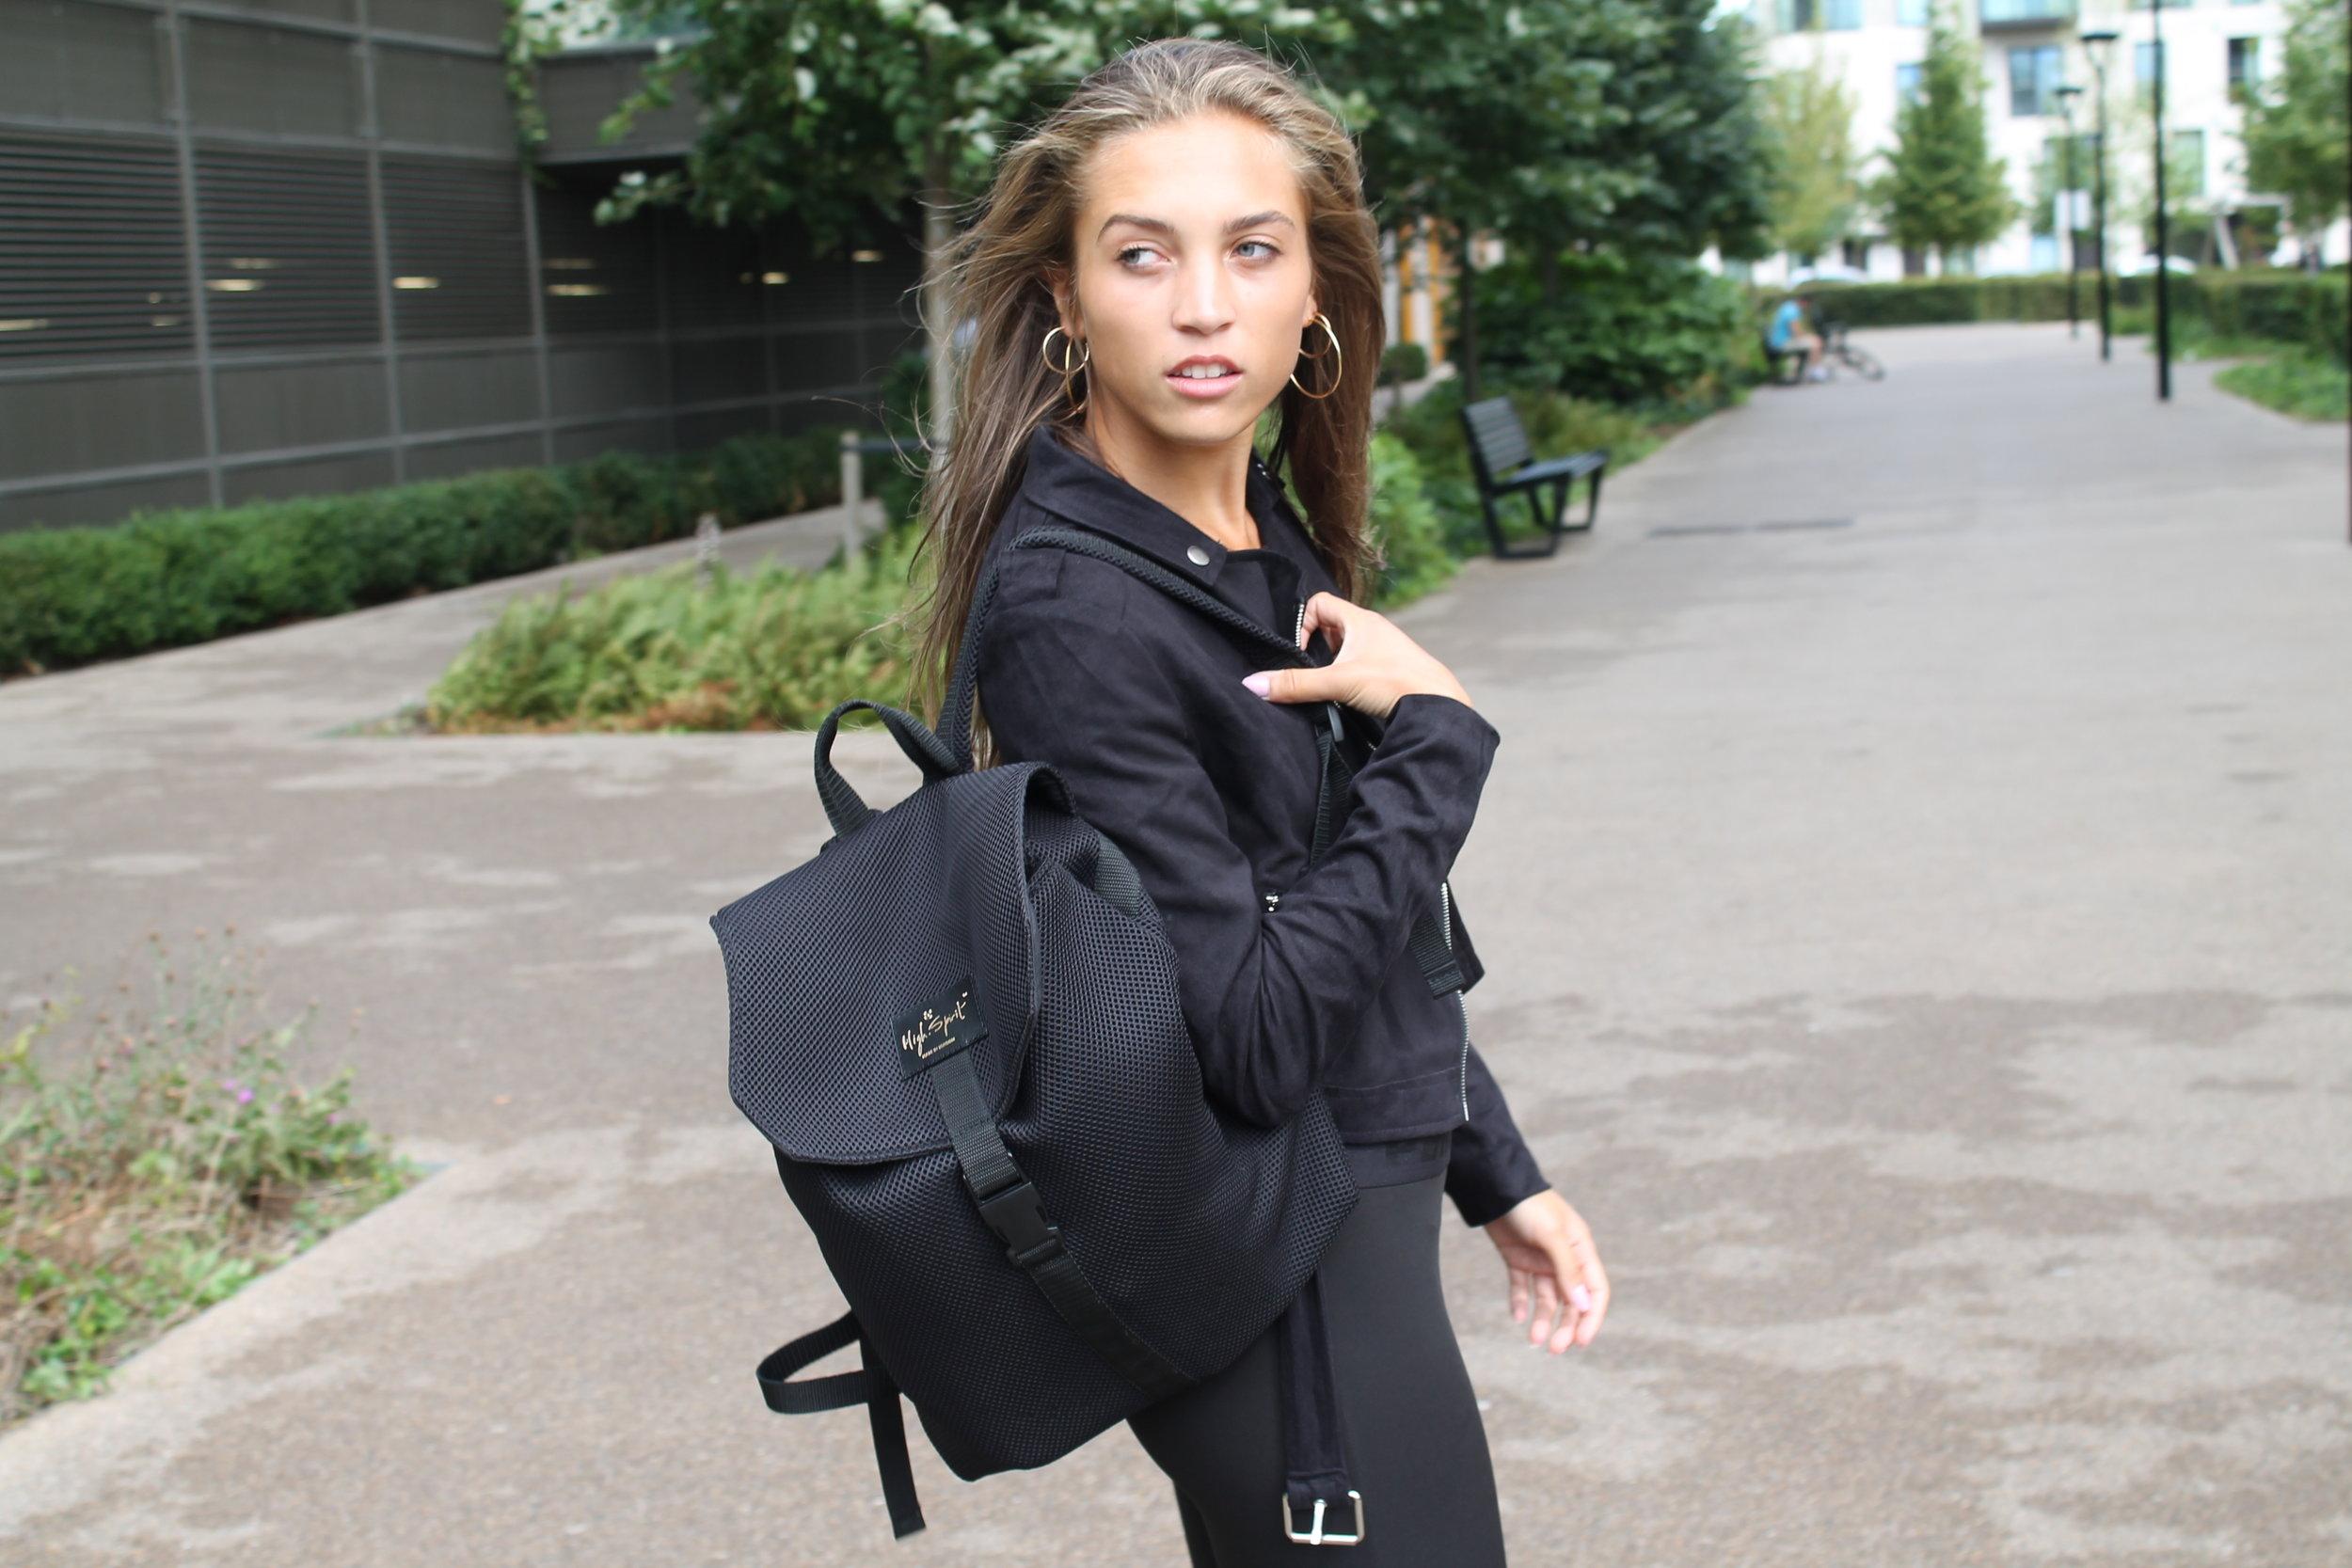 Black High Spirit Bag